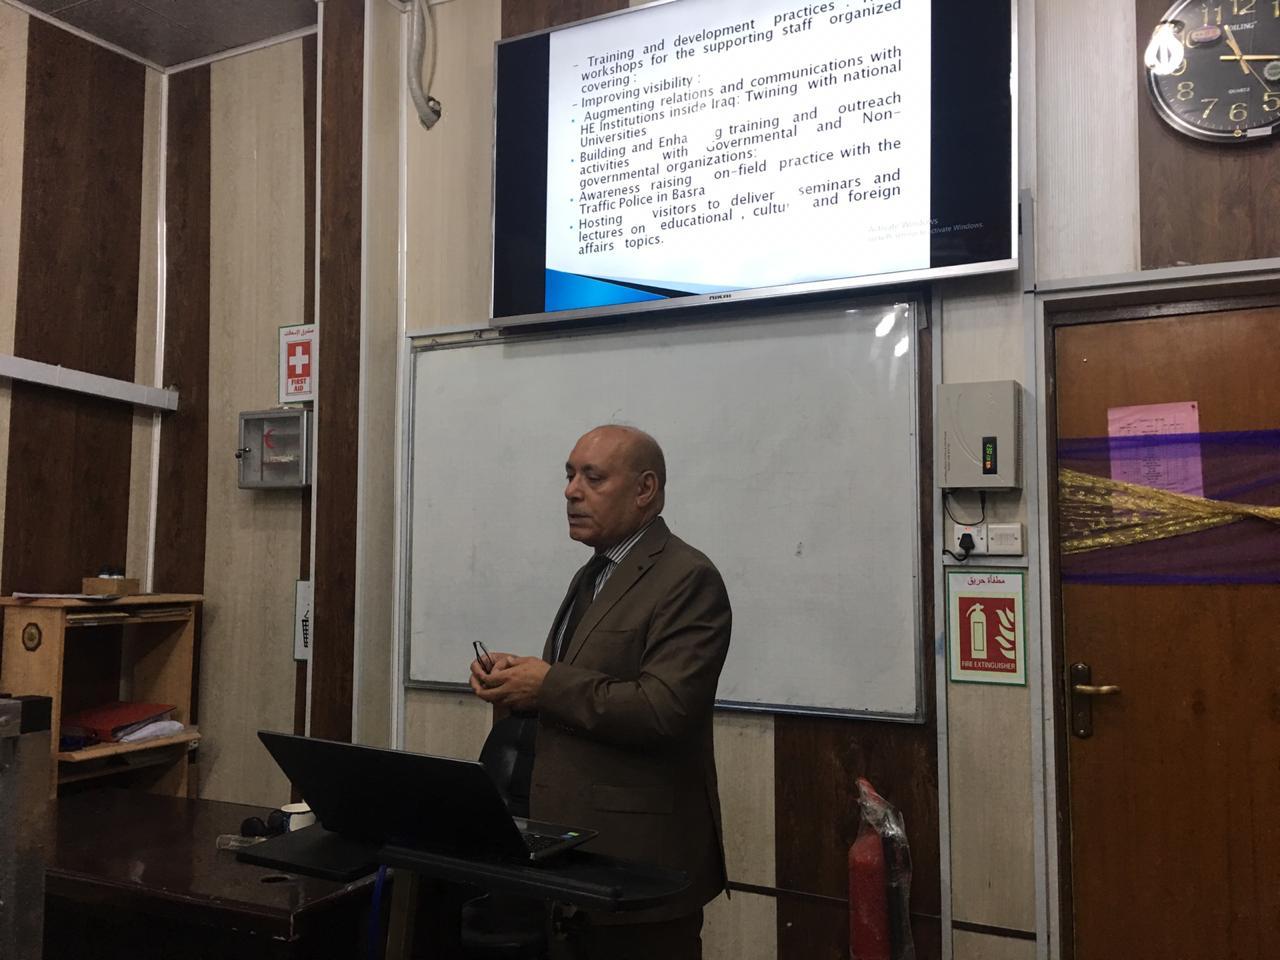 مشاركة تدريسي في مؤتمر إتحاد الجامعات العالمي